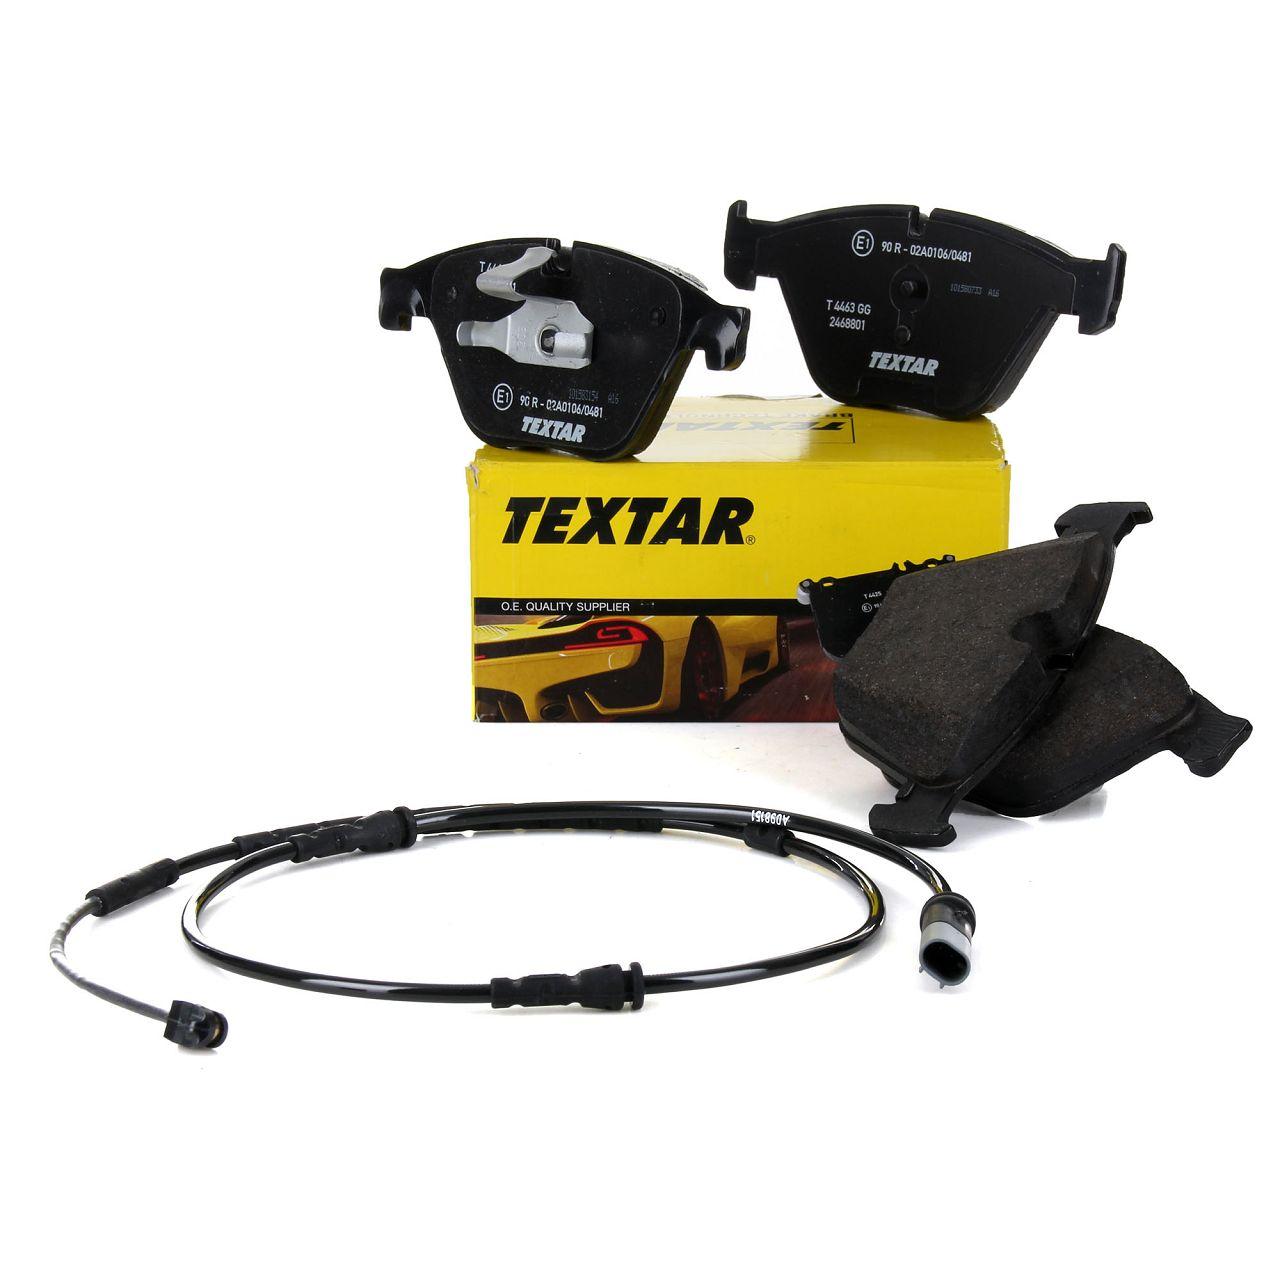 TEXTAR 2468801 Bremsbeläge + Wako BMW 5er F10 F11 528-535i 525d 530d 6er F06 640i vorne